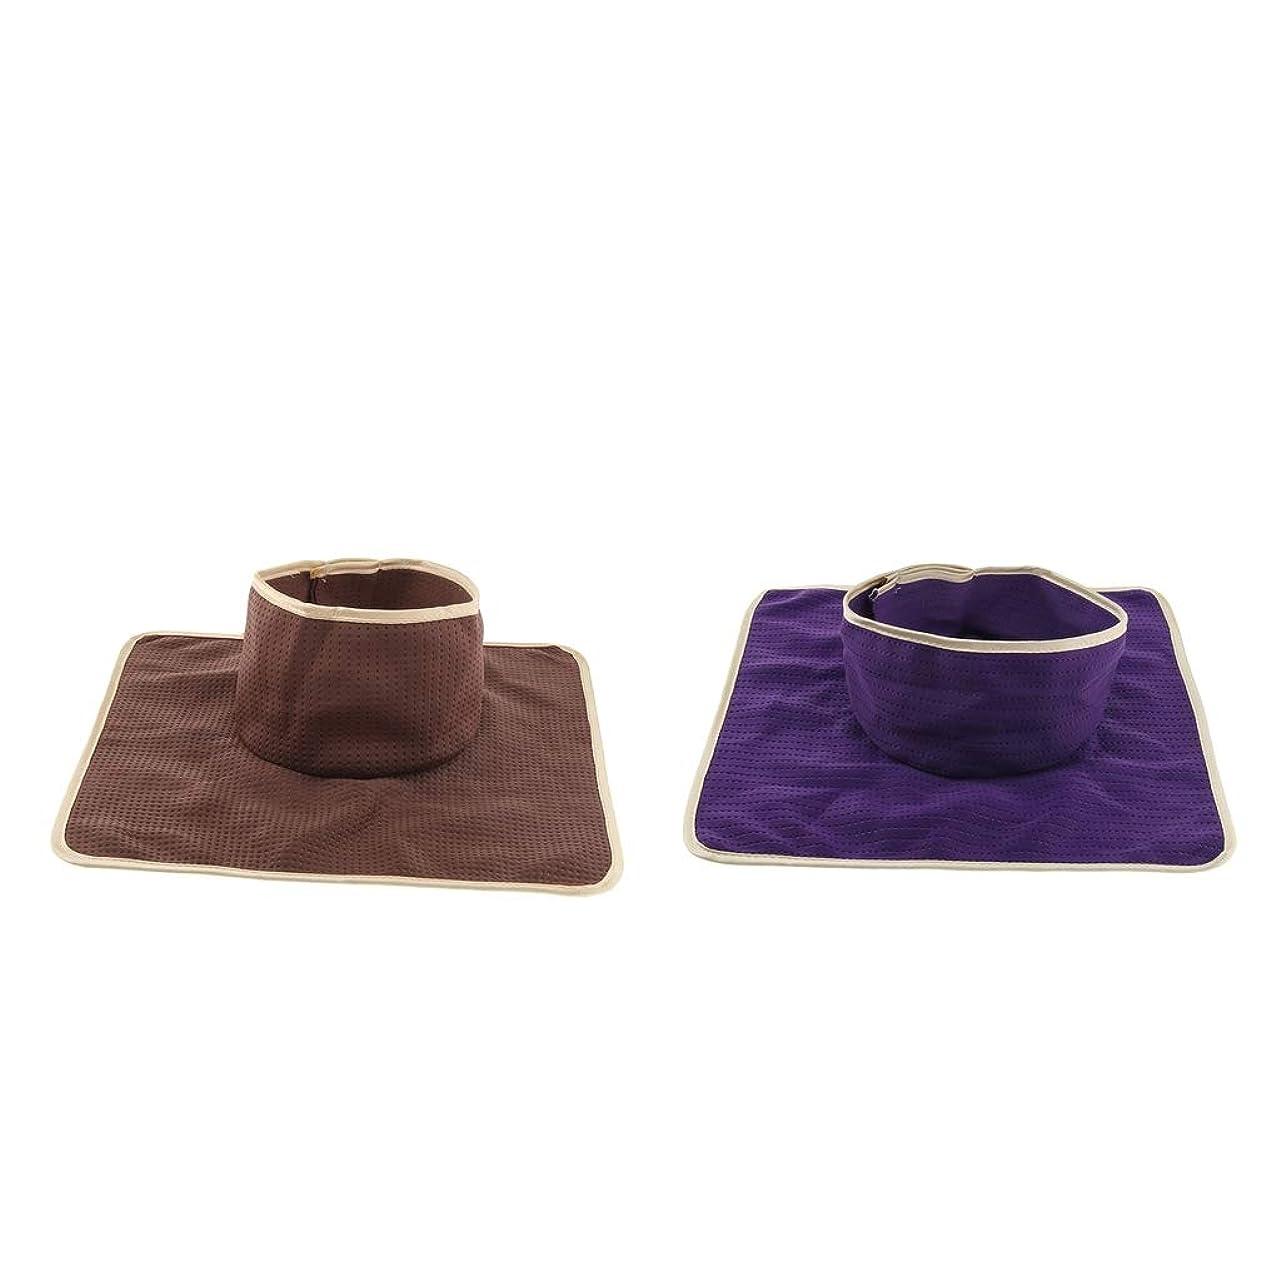 魔法フレアデコードするP Prettyia フェイスホール付き 2ピース 洗え 再利用可能な マッサージ ベッドタトゥーテーブルシートパッド